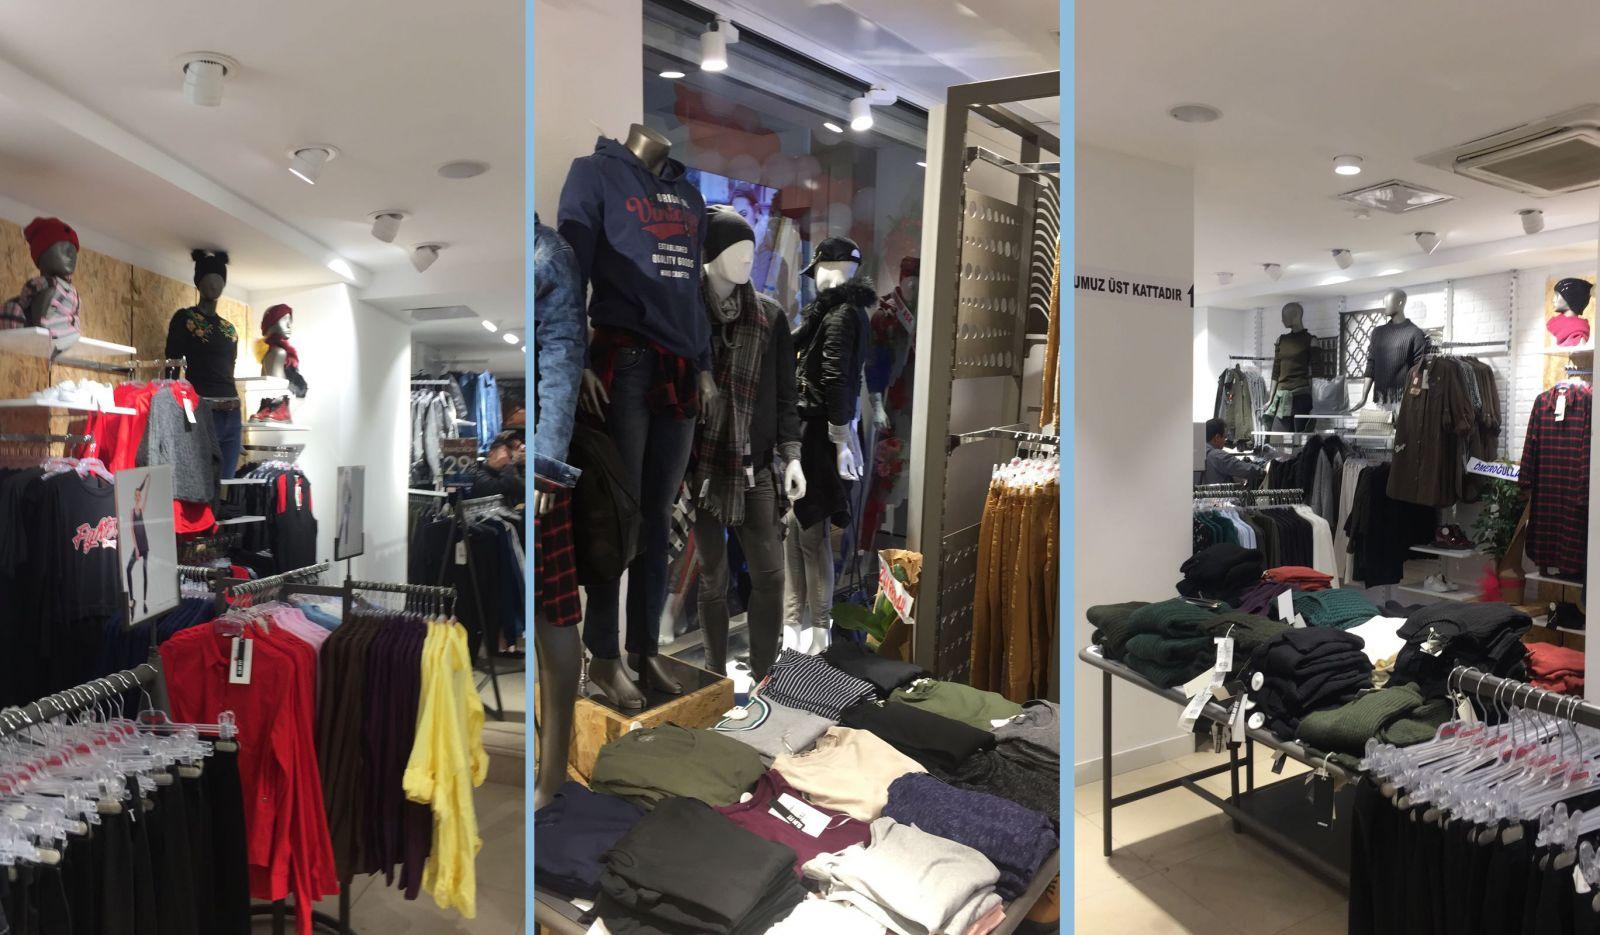 genç-giyim-mağazası-açmak Giyim mağazası açmak karlı mı?